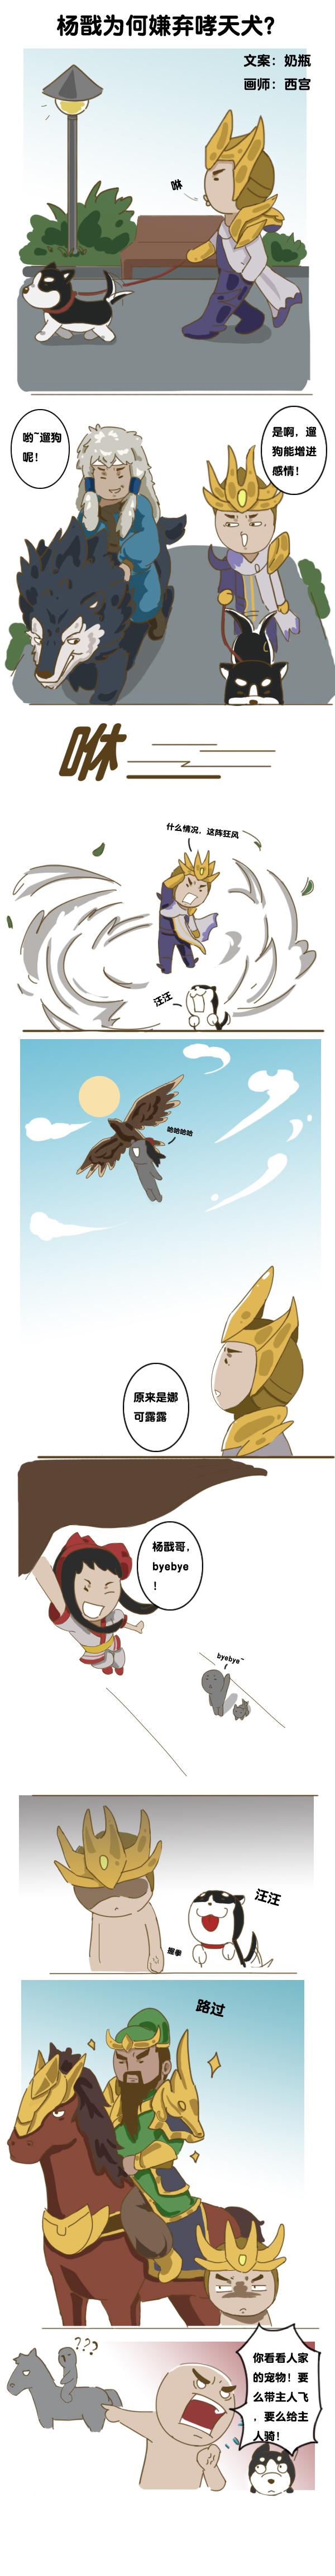 漫画:杨戬为何嫌弃哮天犬?图片